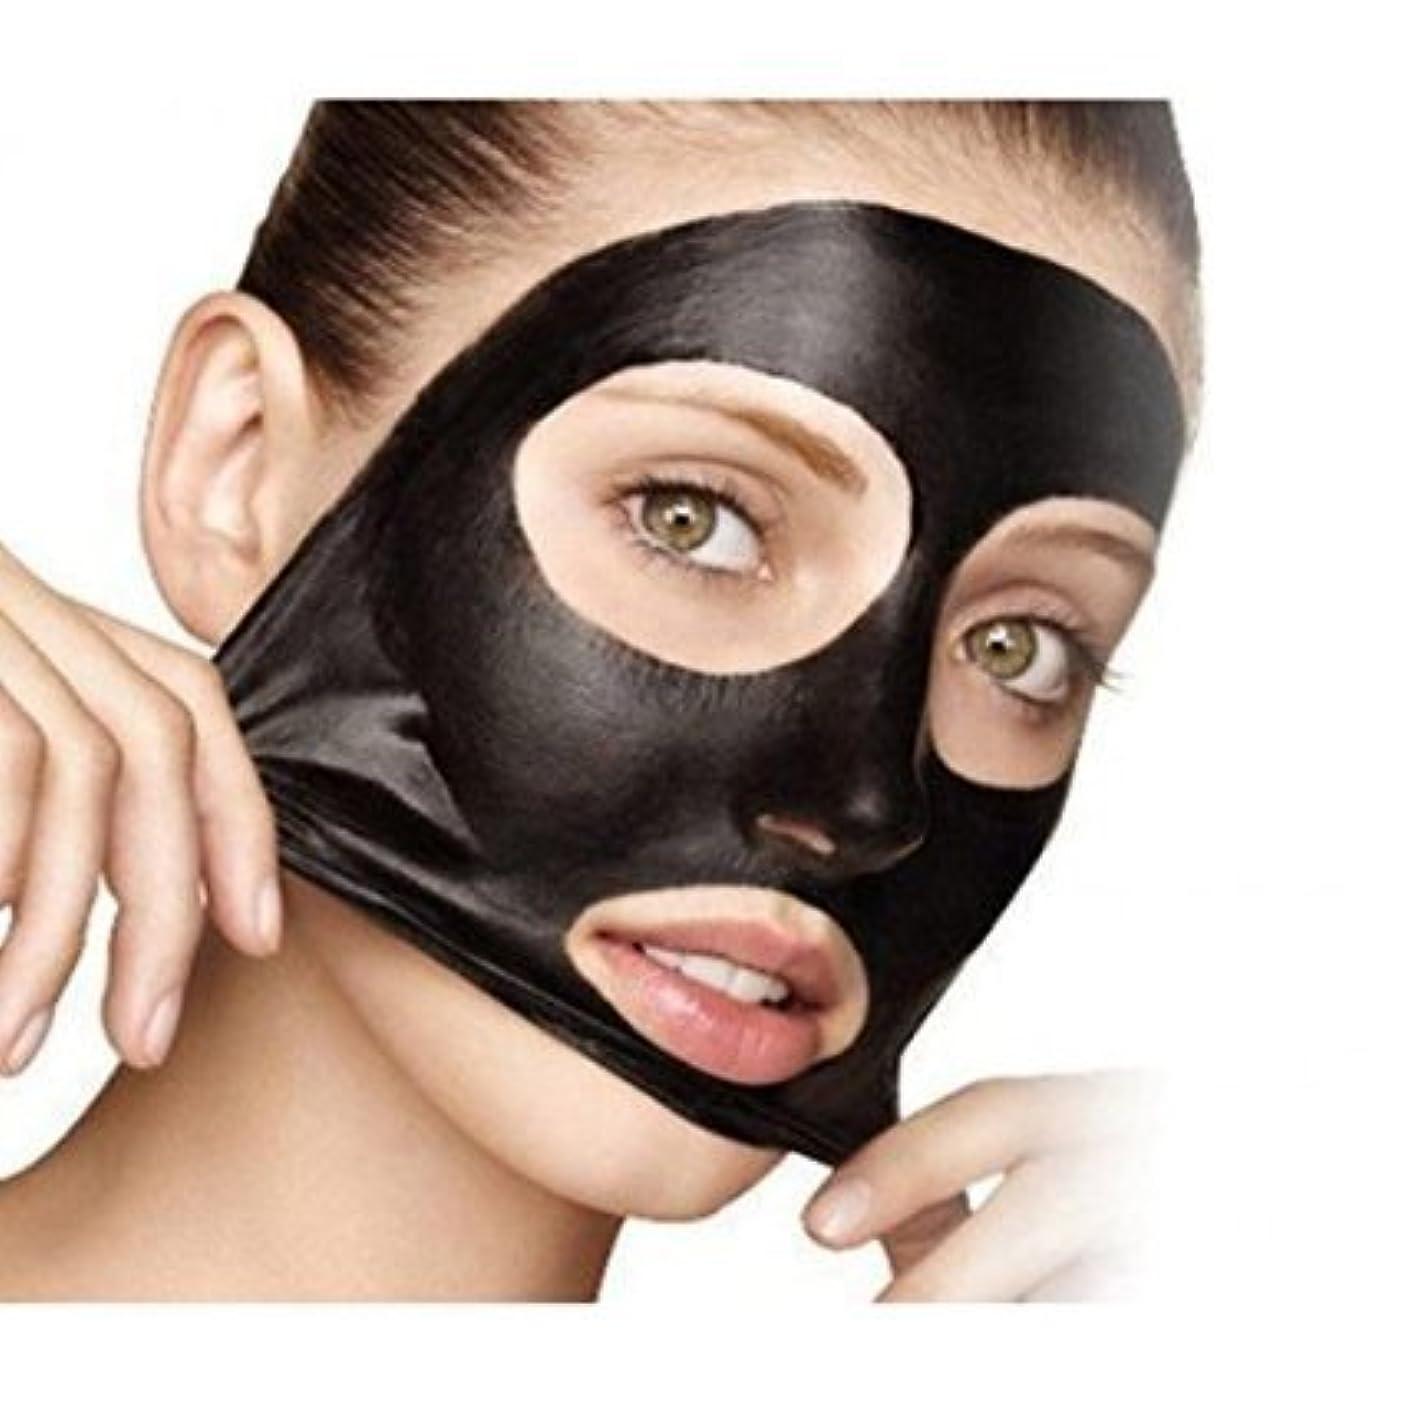 警報海軍ヒゲクジラ5 x Mineral Mud Nose Pore Cleansing Blackhead Removal Cleaner Membranes Mask by Boolavard® TM